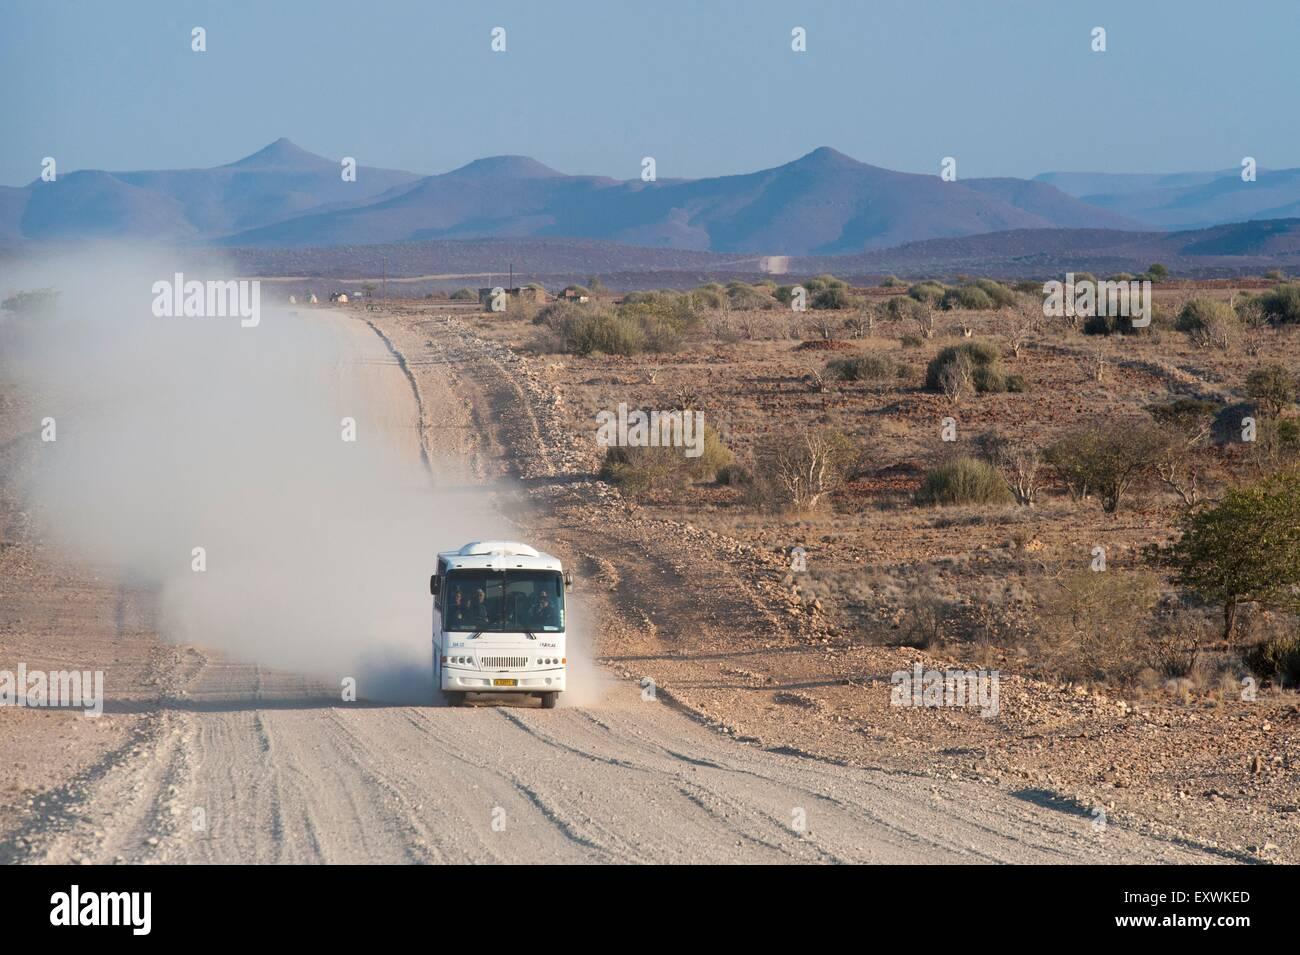 Bus on gravel road in dry landscape, Kunene Region, Namibia Stock Photo